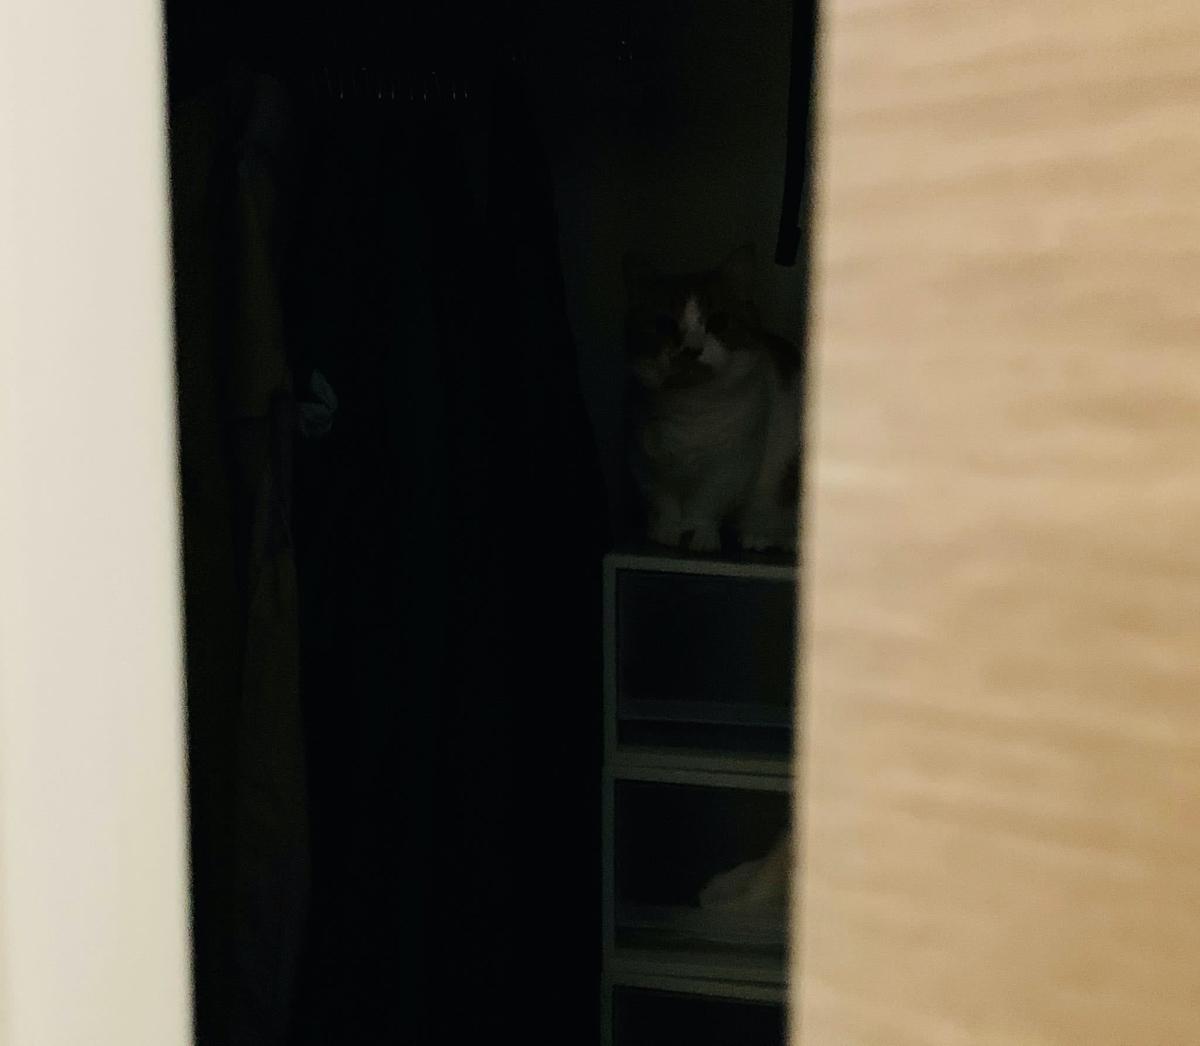 寝室のクローゼットに潜むるるちゃん2